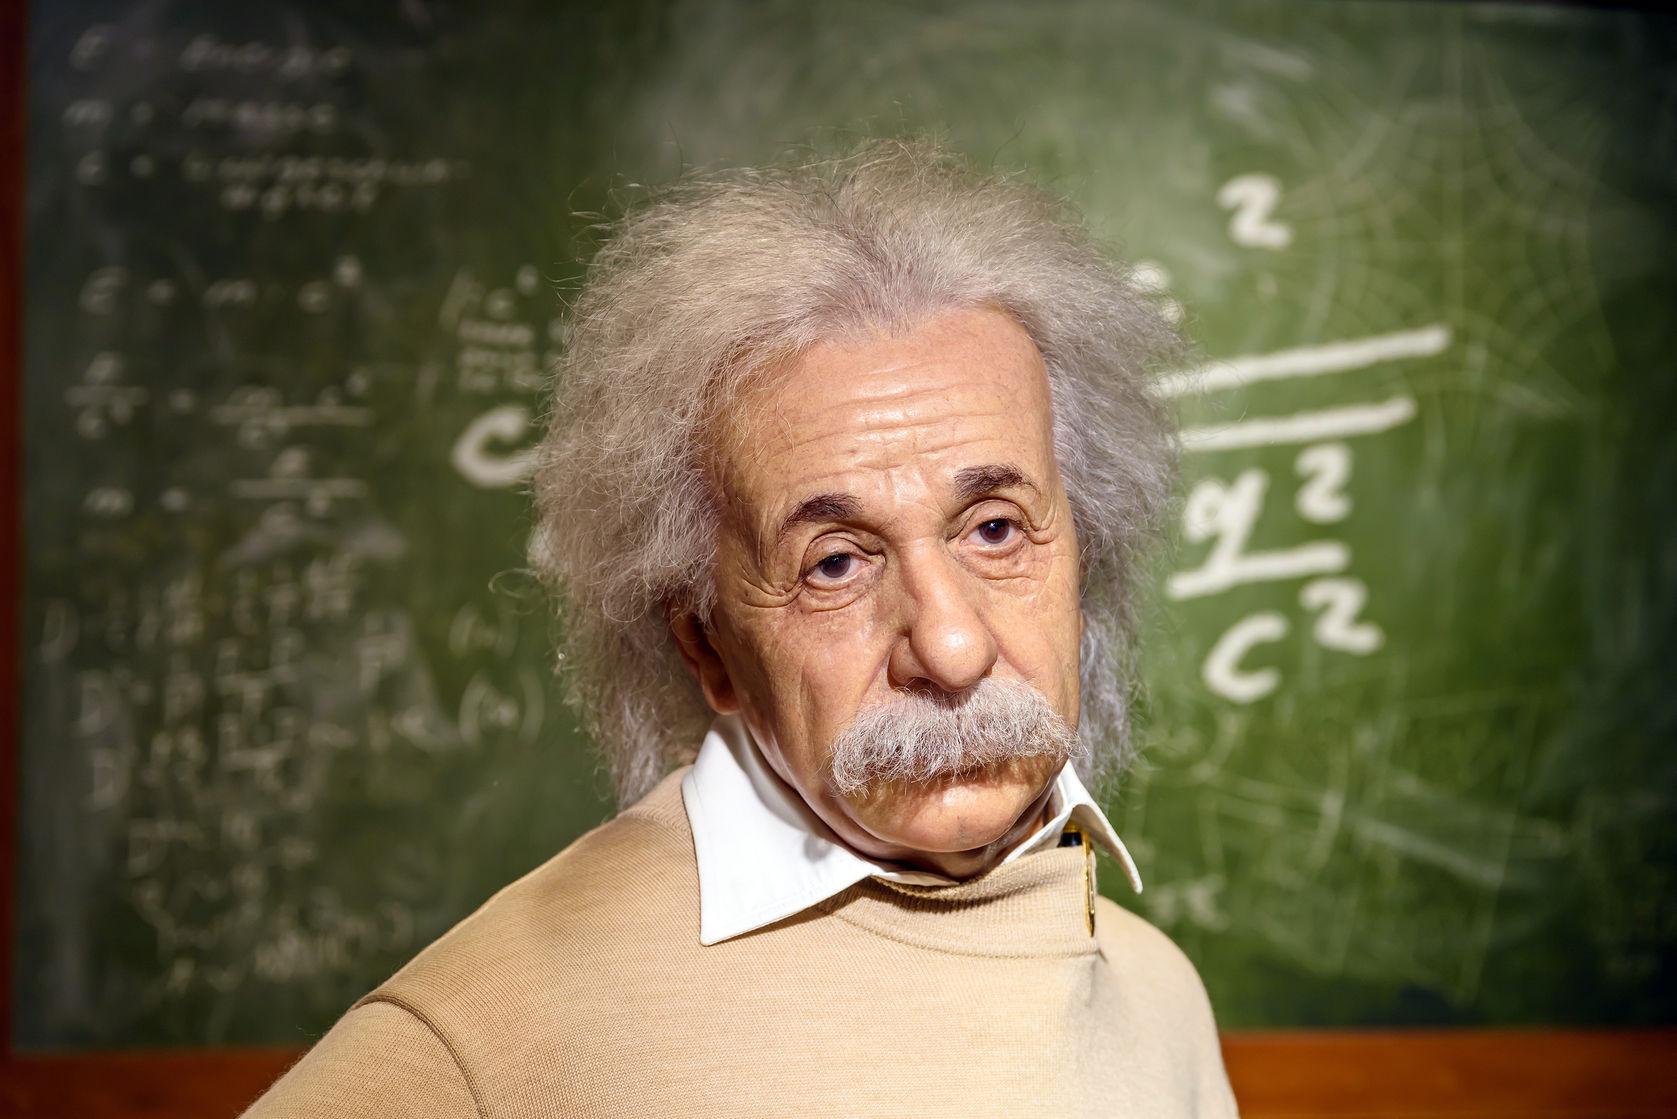 Lo que se necesita para ser feliz, según Albert Einstein